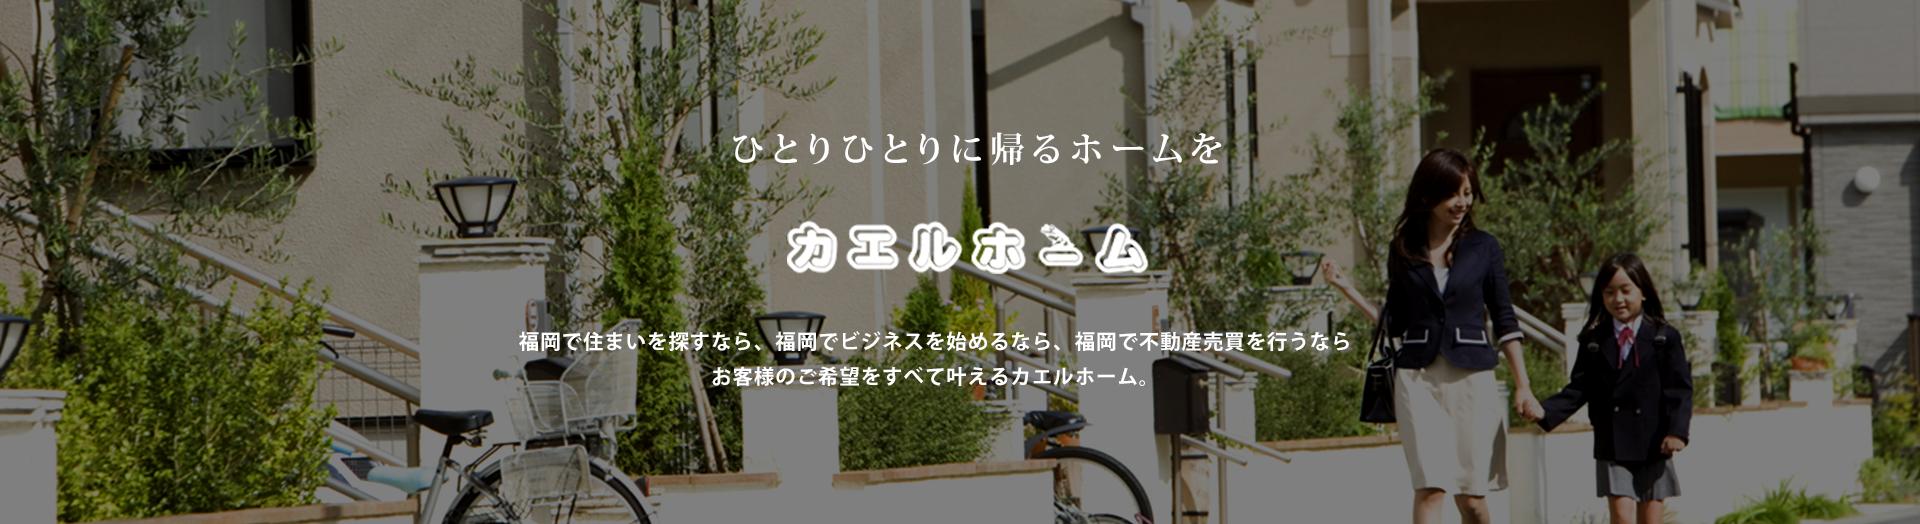 福岡のお部屋探しや不動産売買はカエルホーム